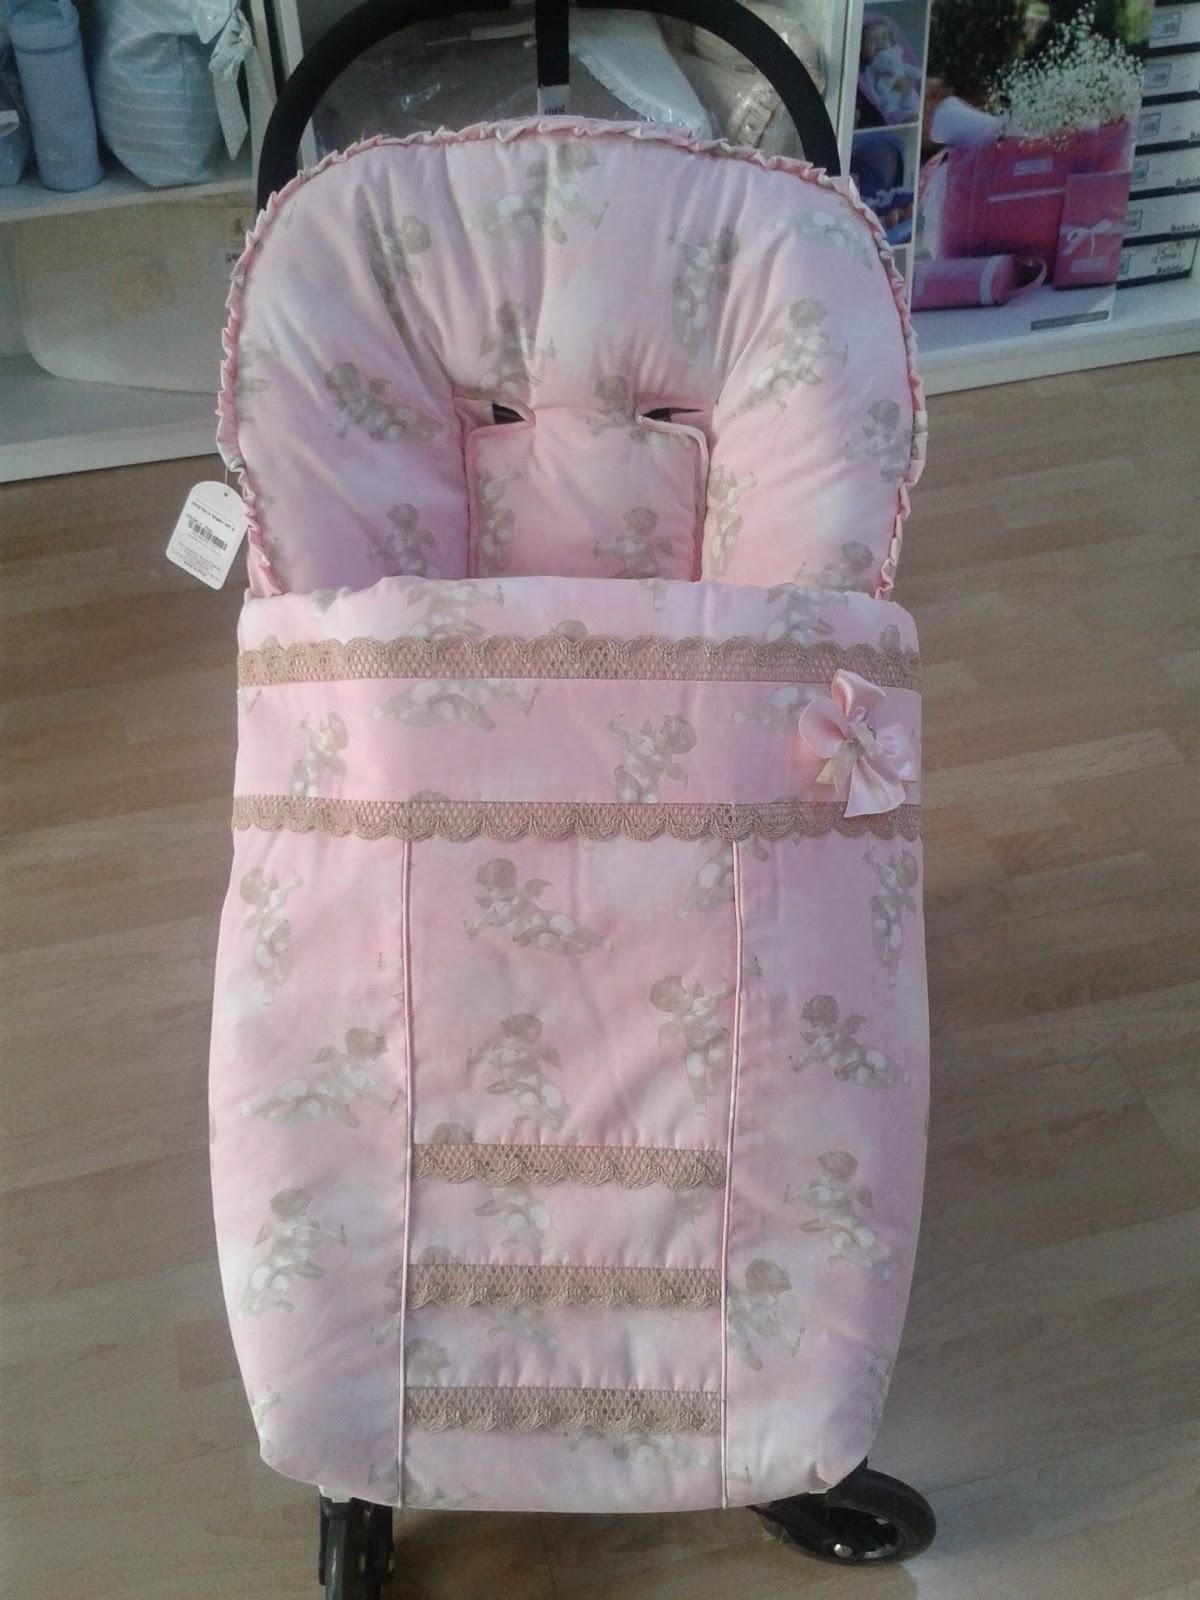 Lazos beb s saco silla universal angelo - Sacos silla bebe baratos ...